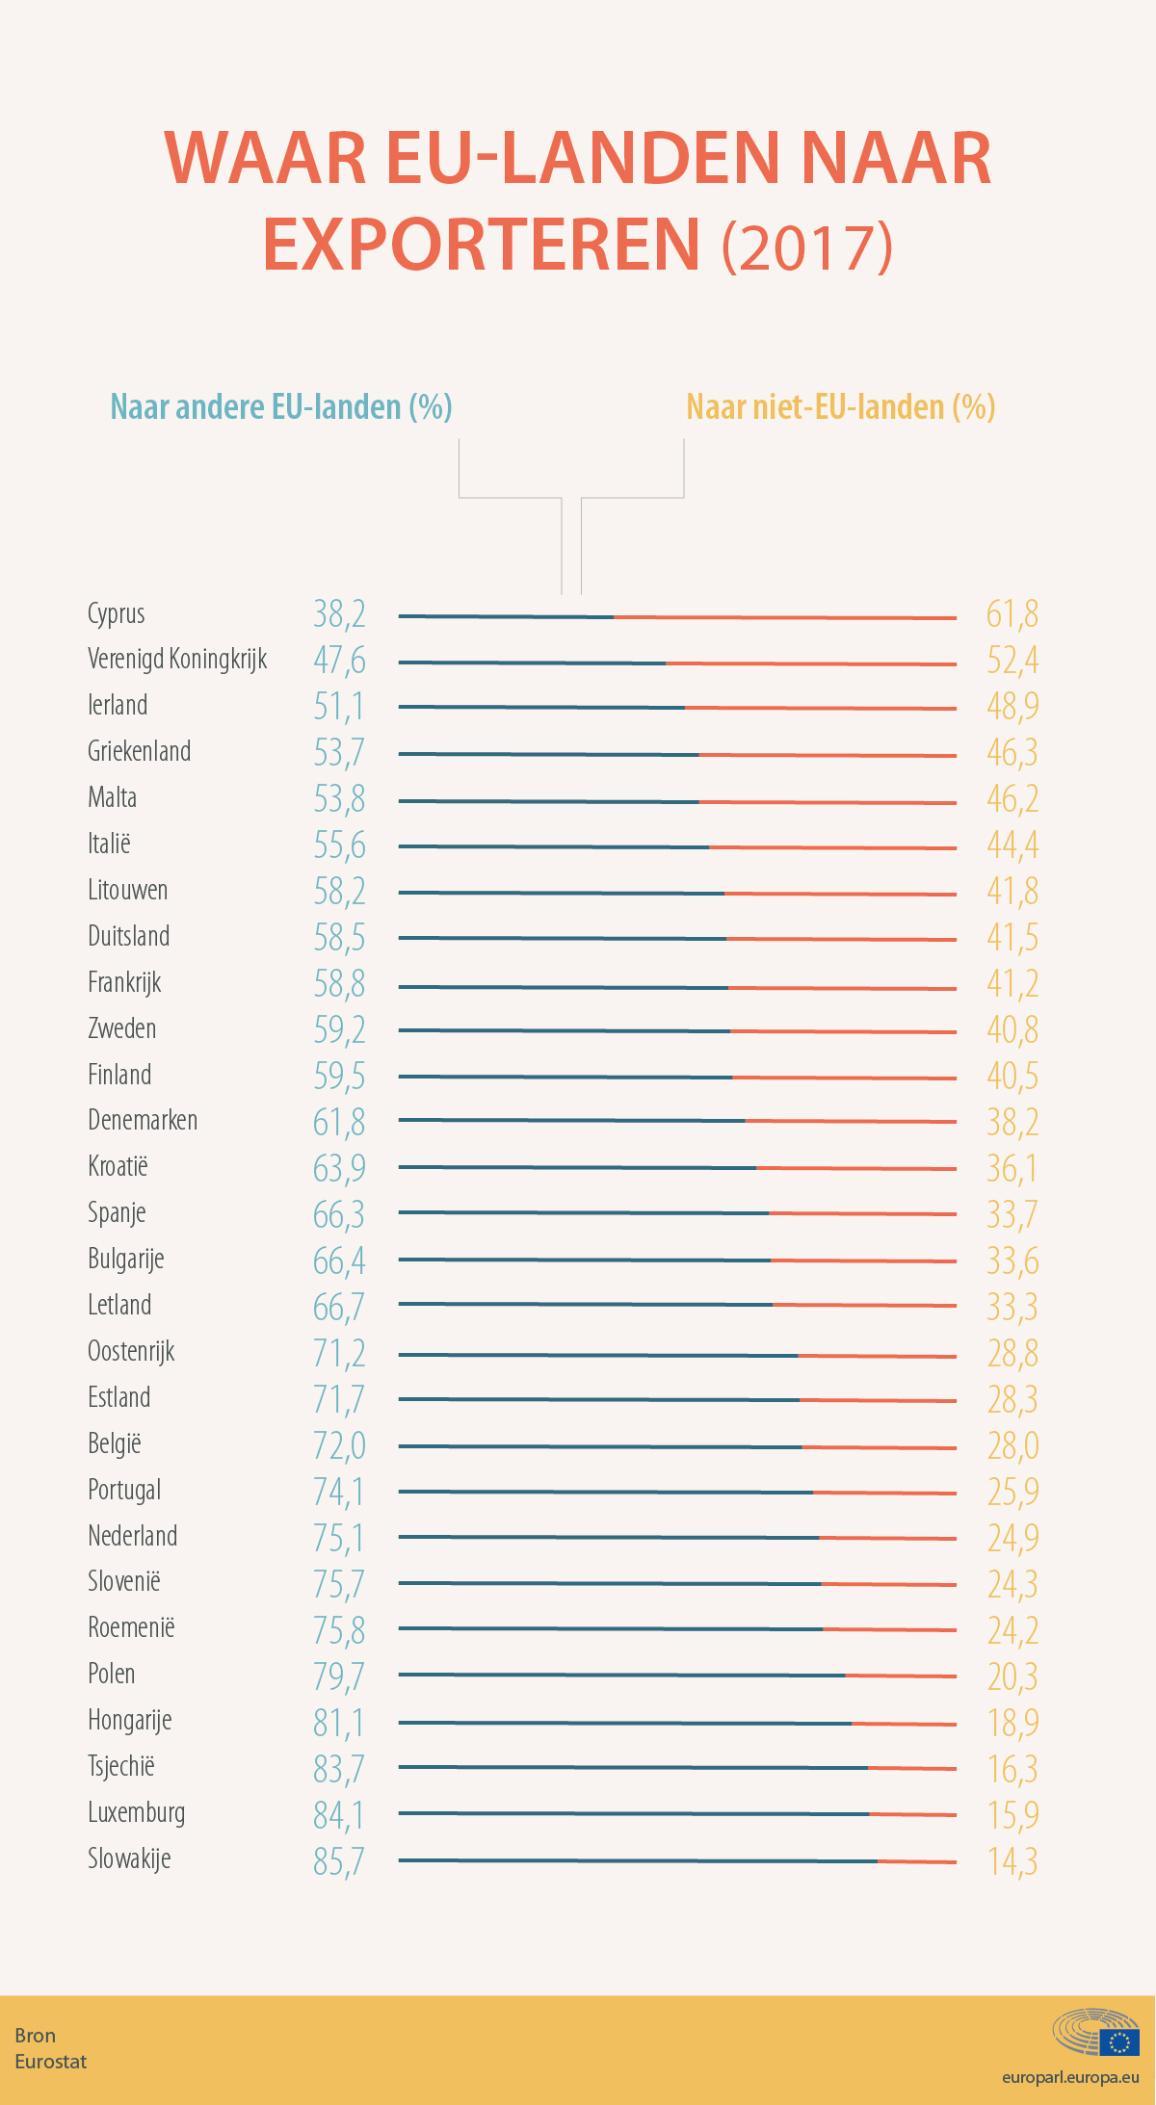 Export door de EU-lidstaten in 2017